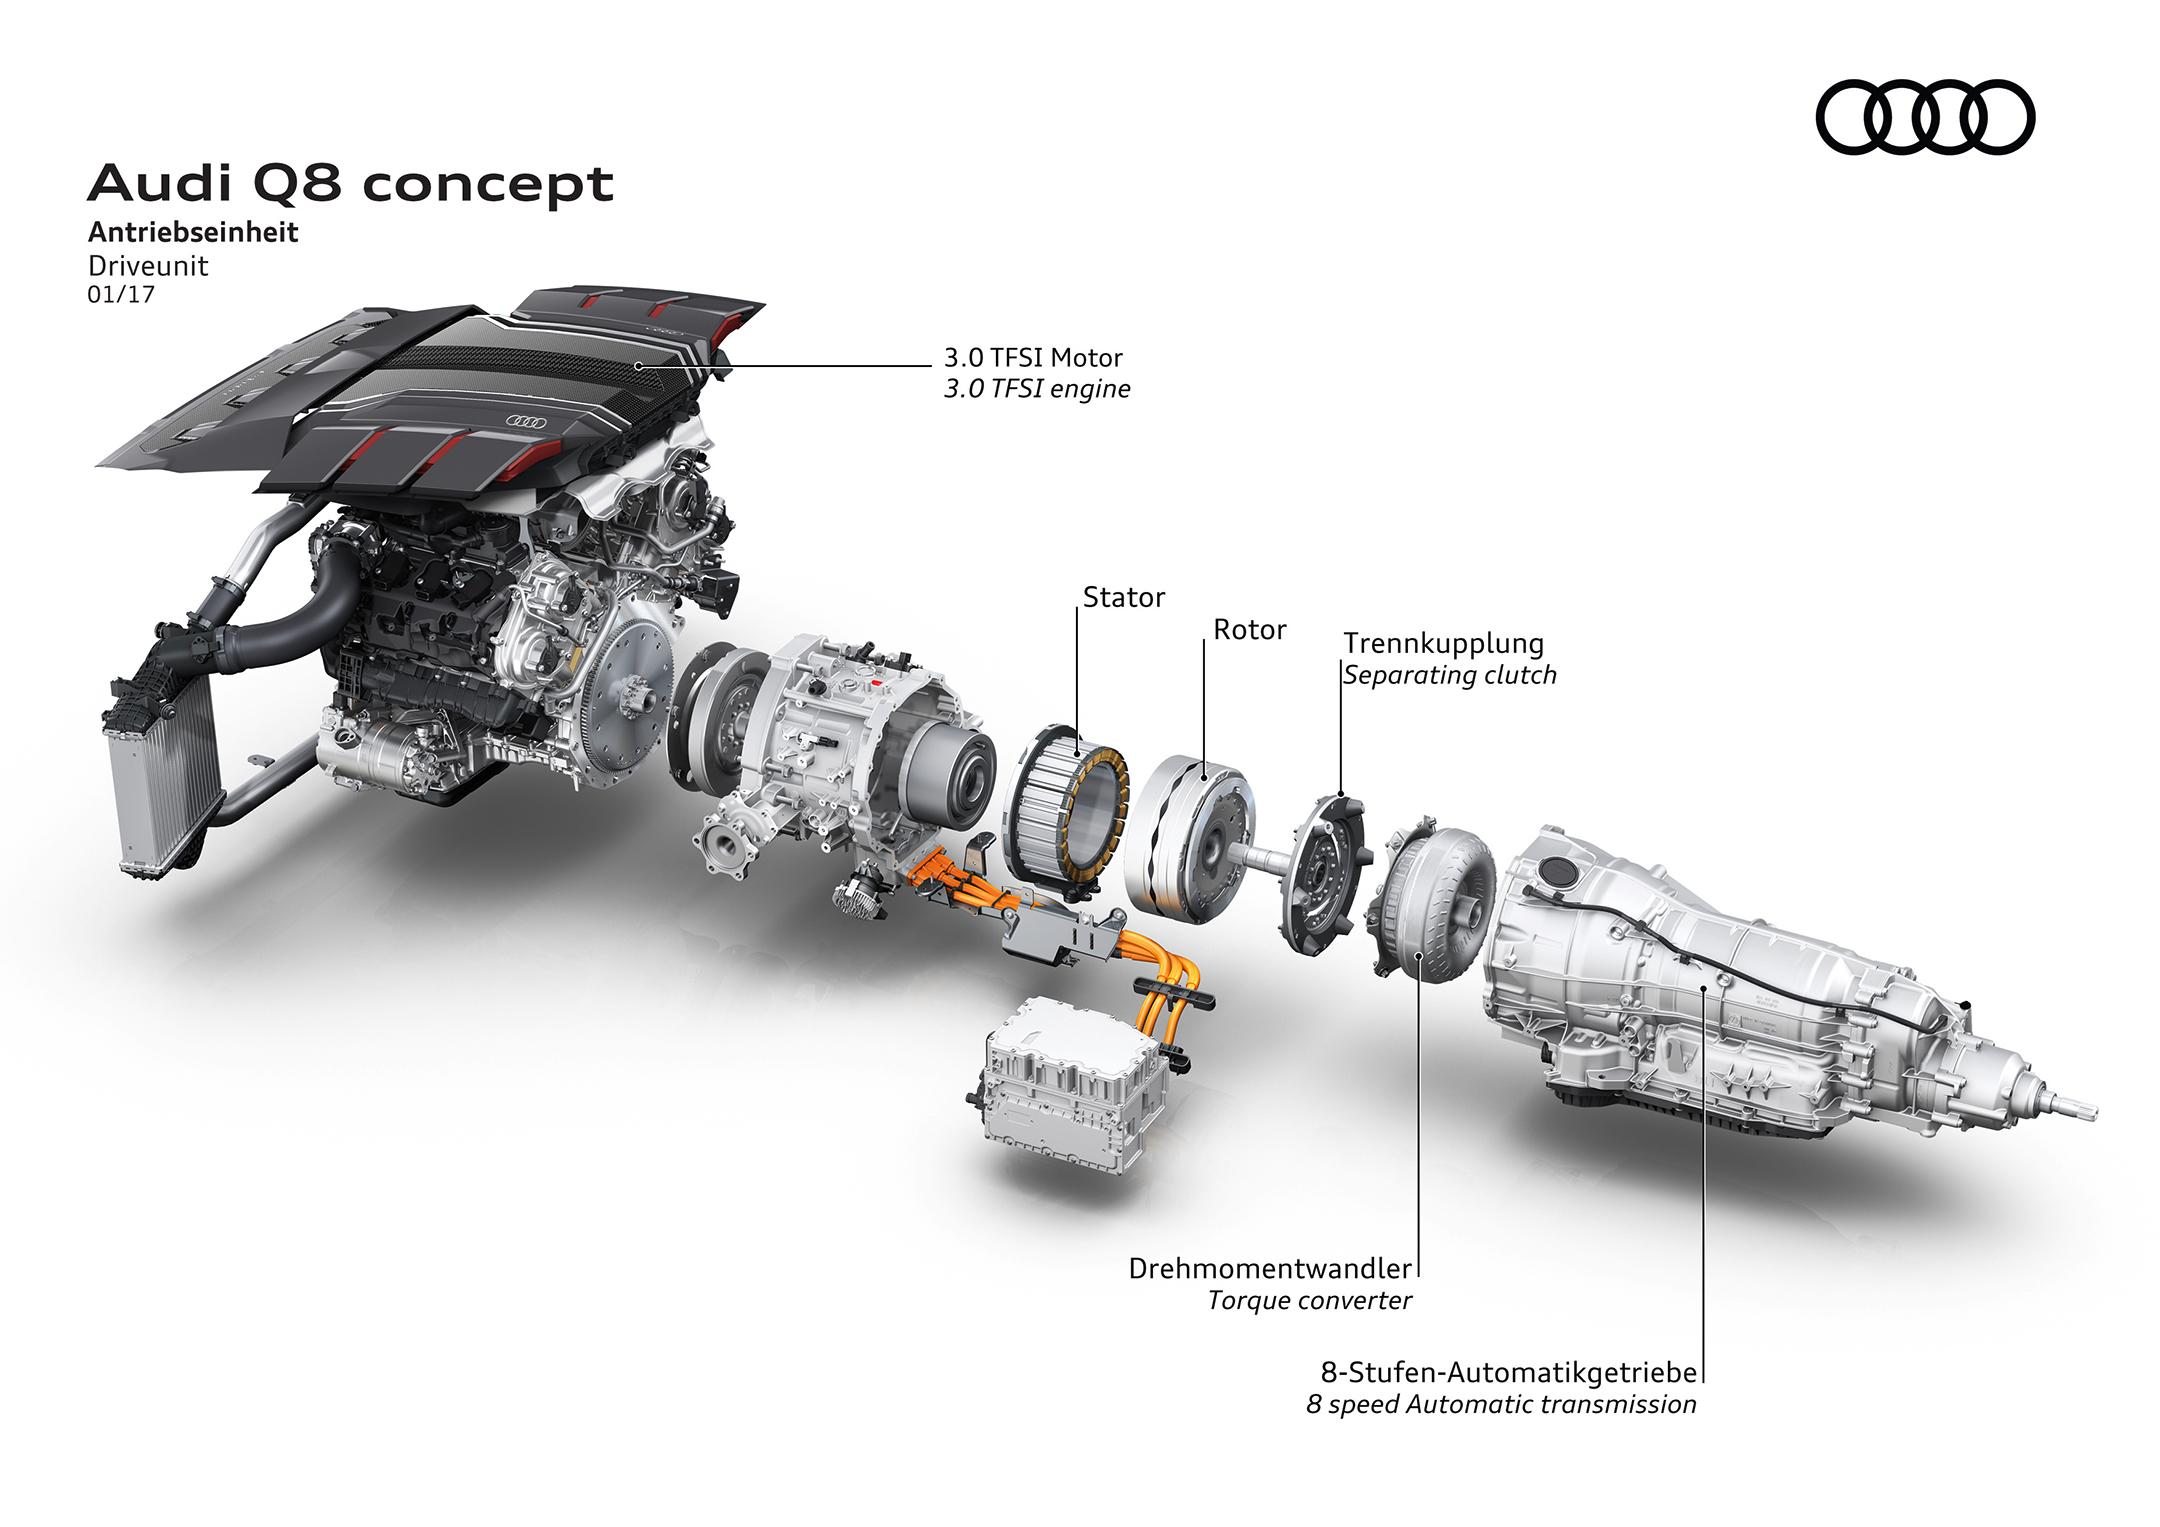 Audi Q8 concept - NAIAS 2017 - driveunit